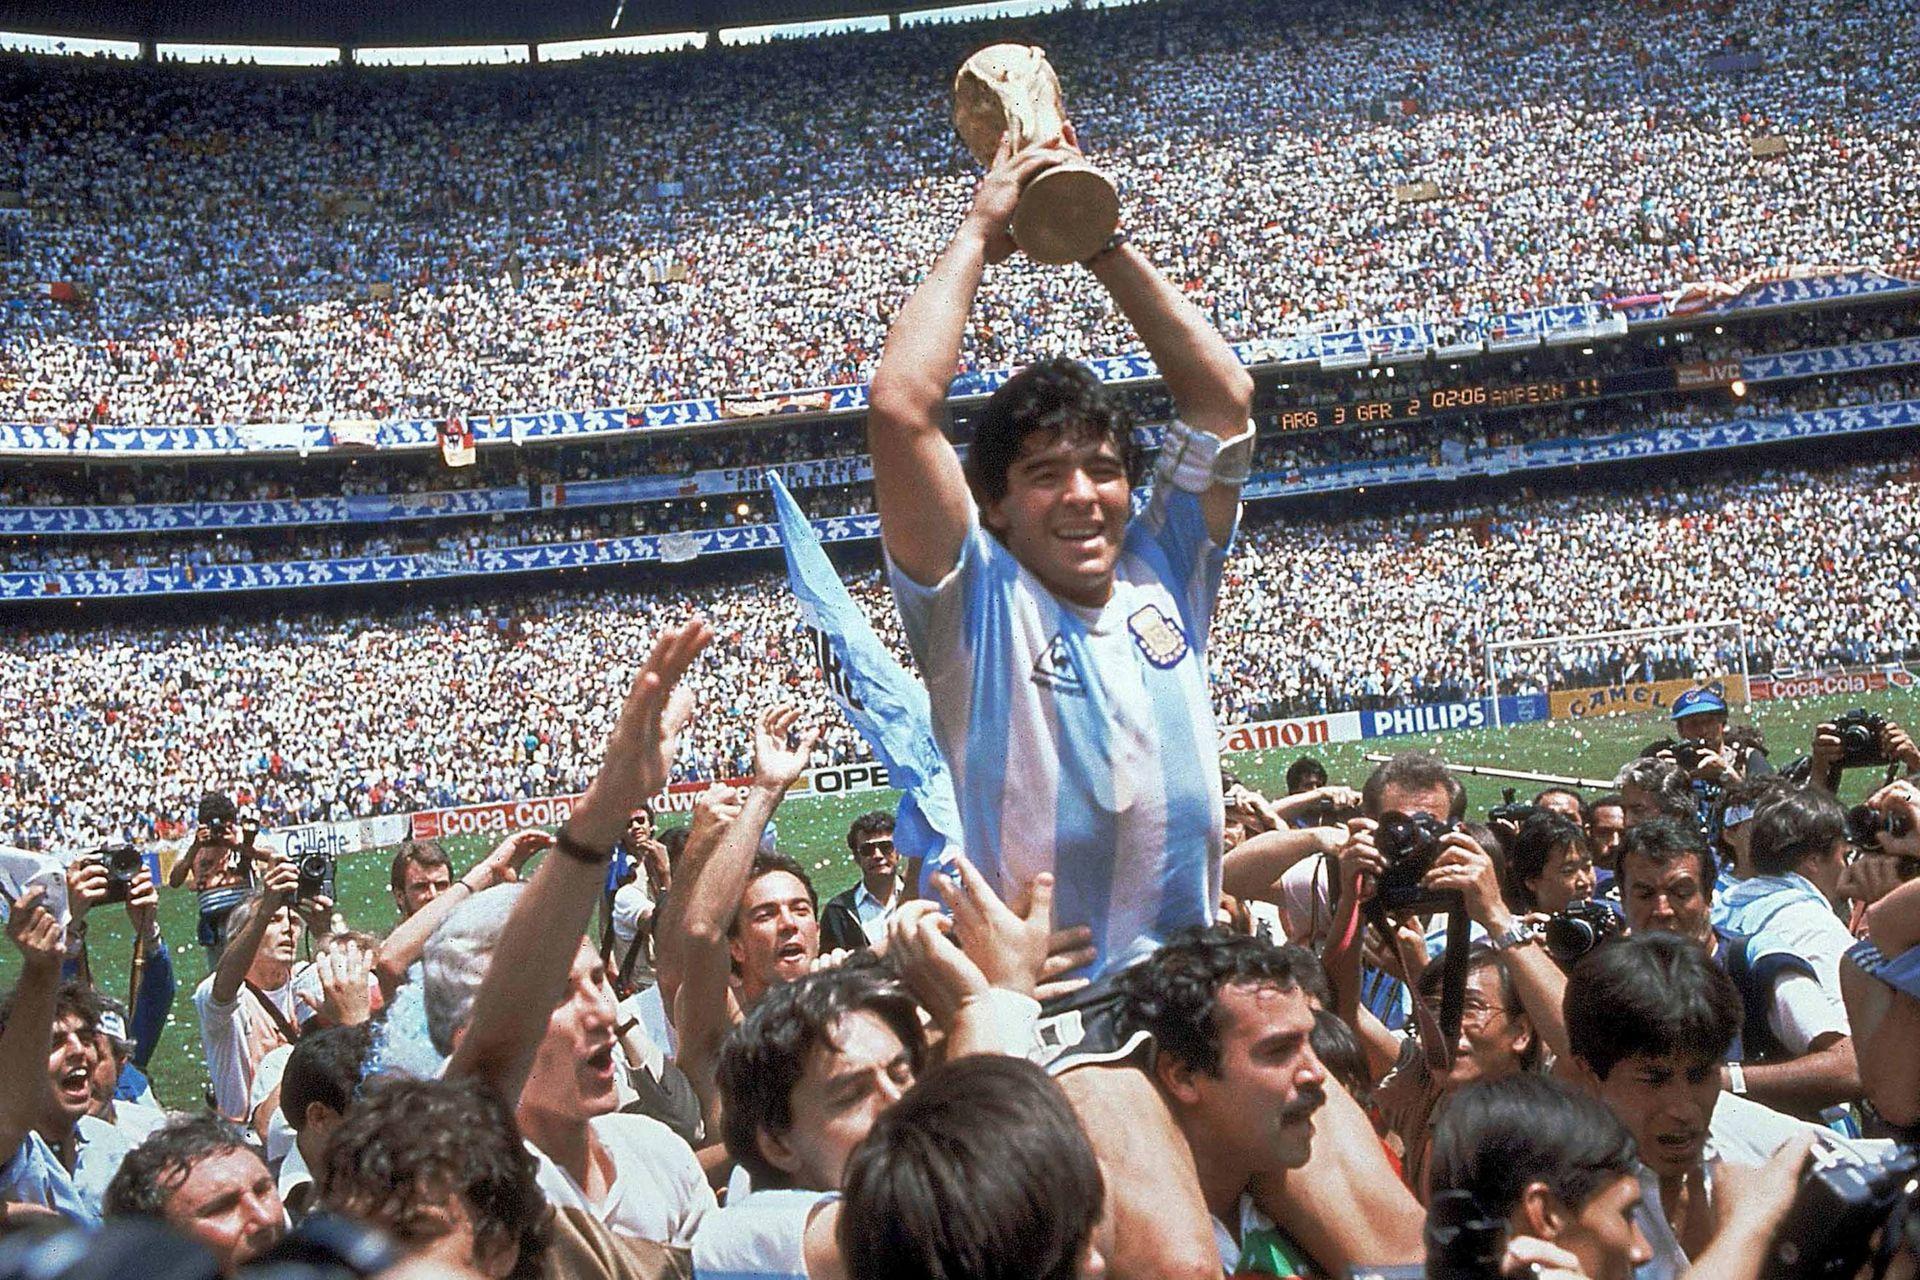 México 86, Maradona en lo más alto del fútbol mundial